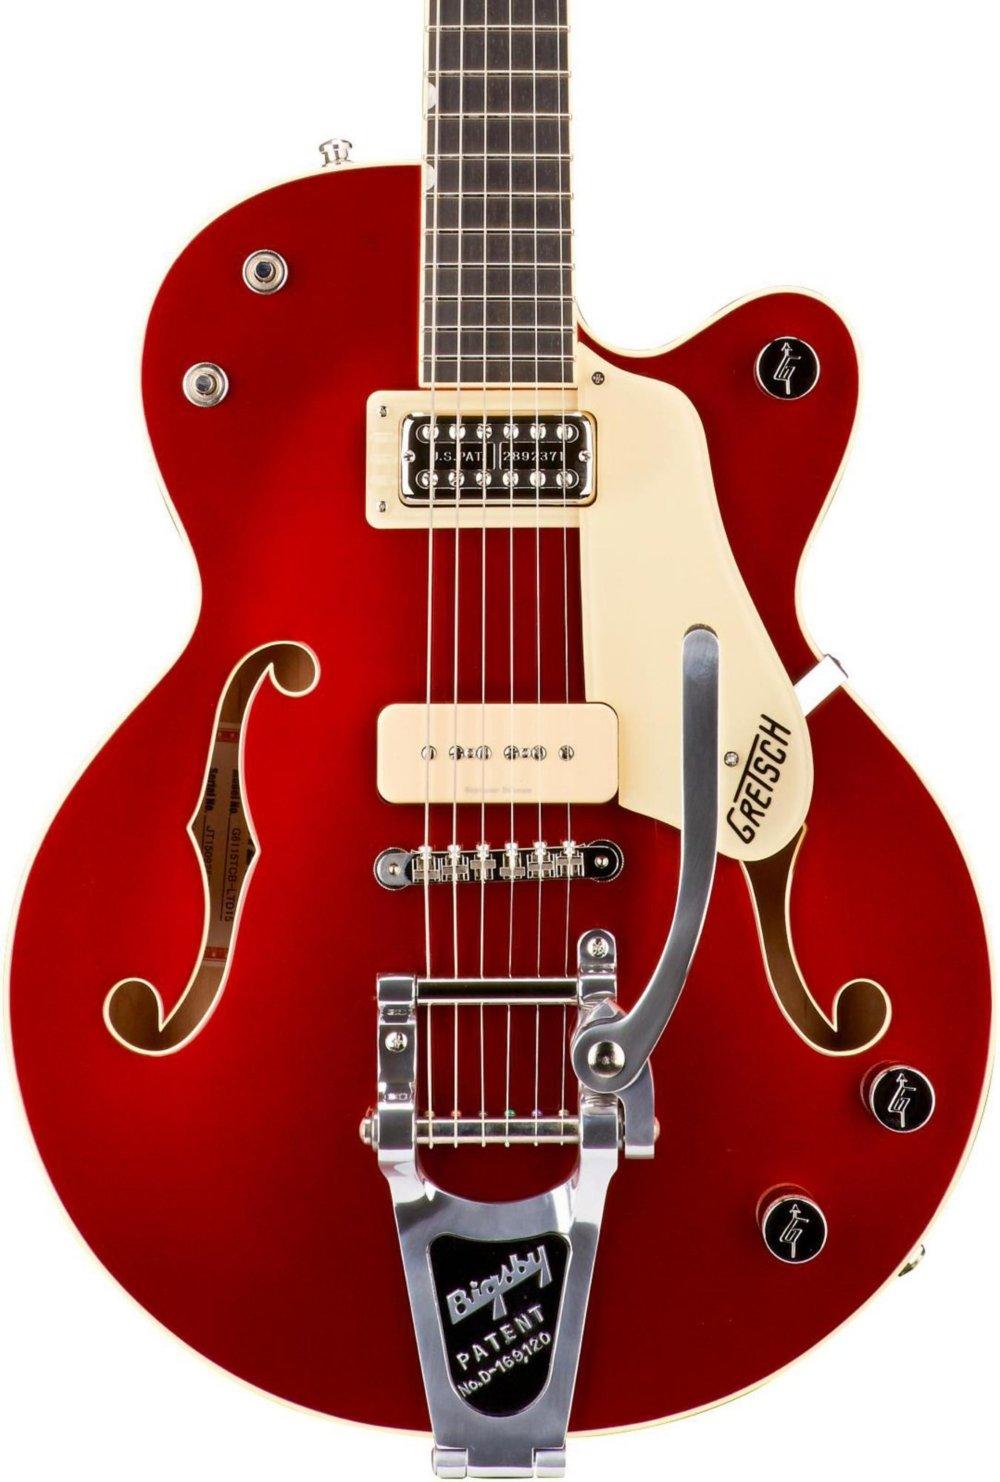 GRETSCH guitarra g6115t-ltd15 edición limitada rojo Betty centro ...